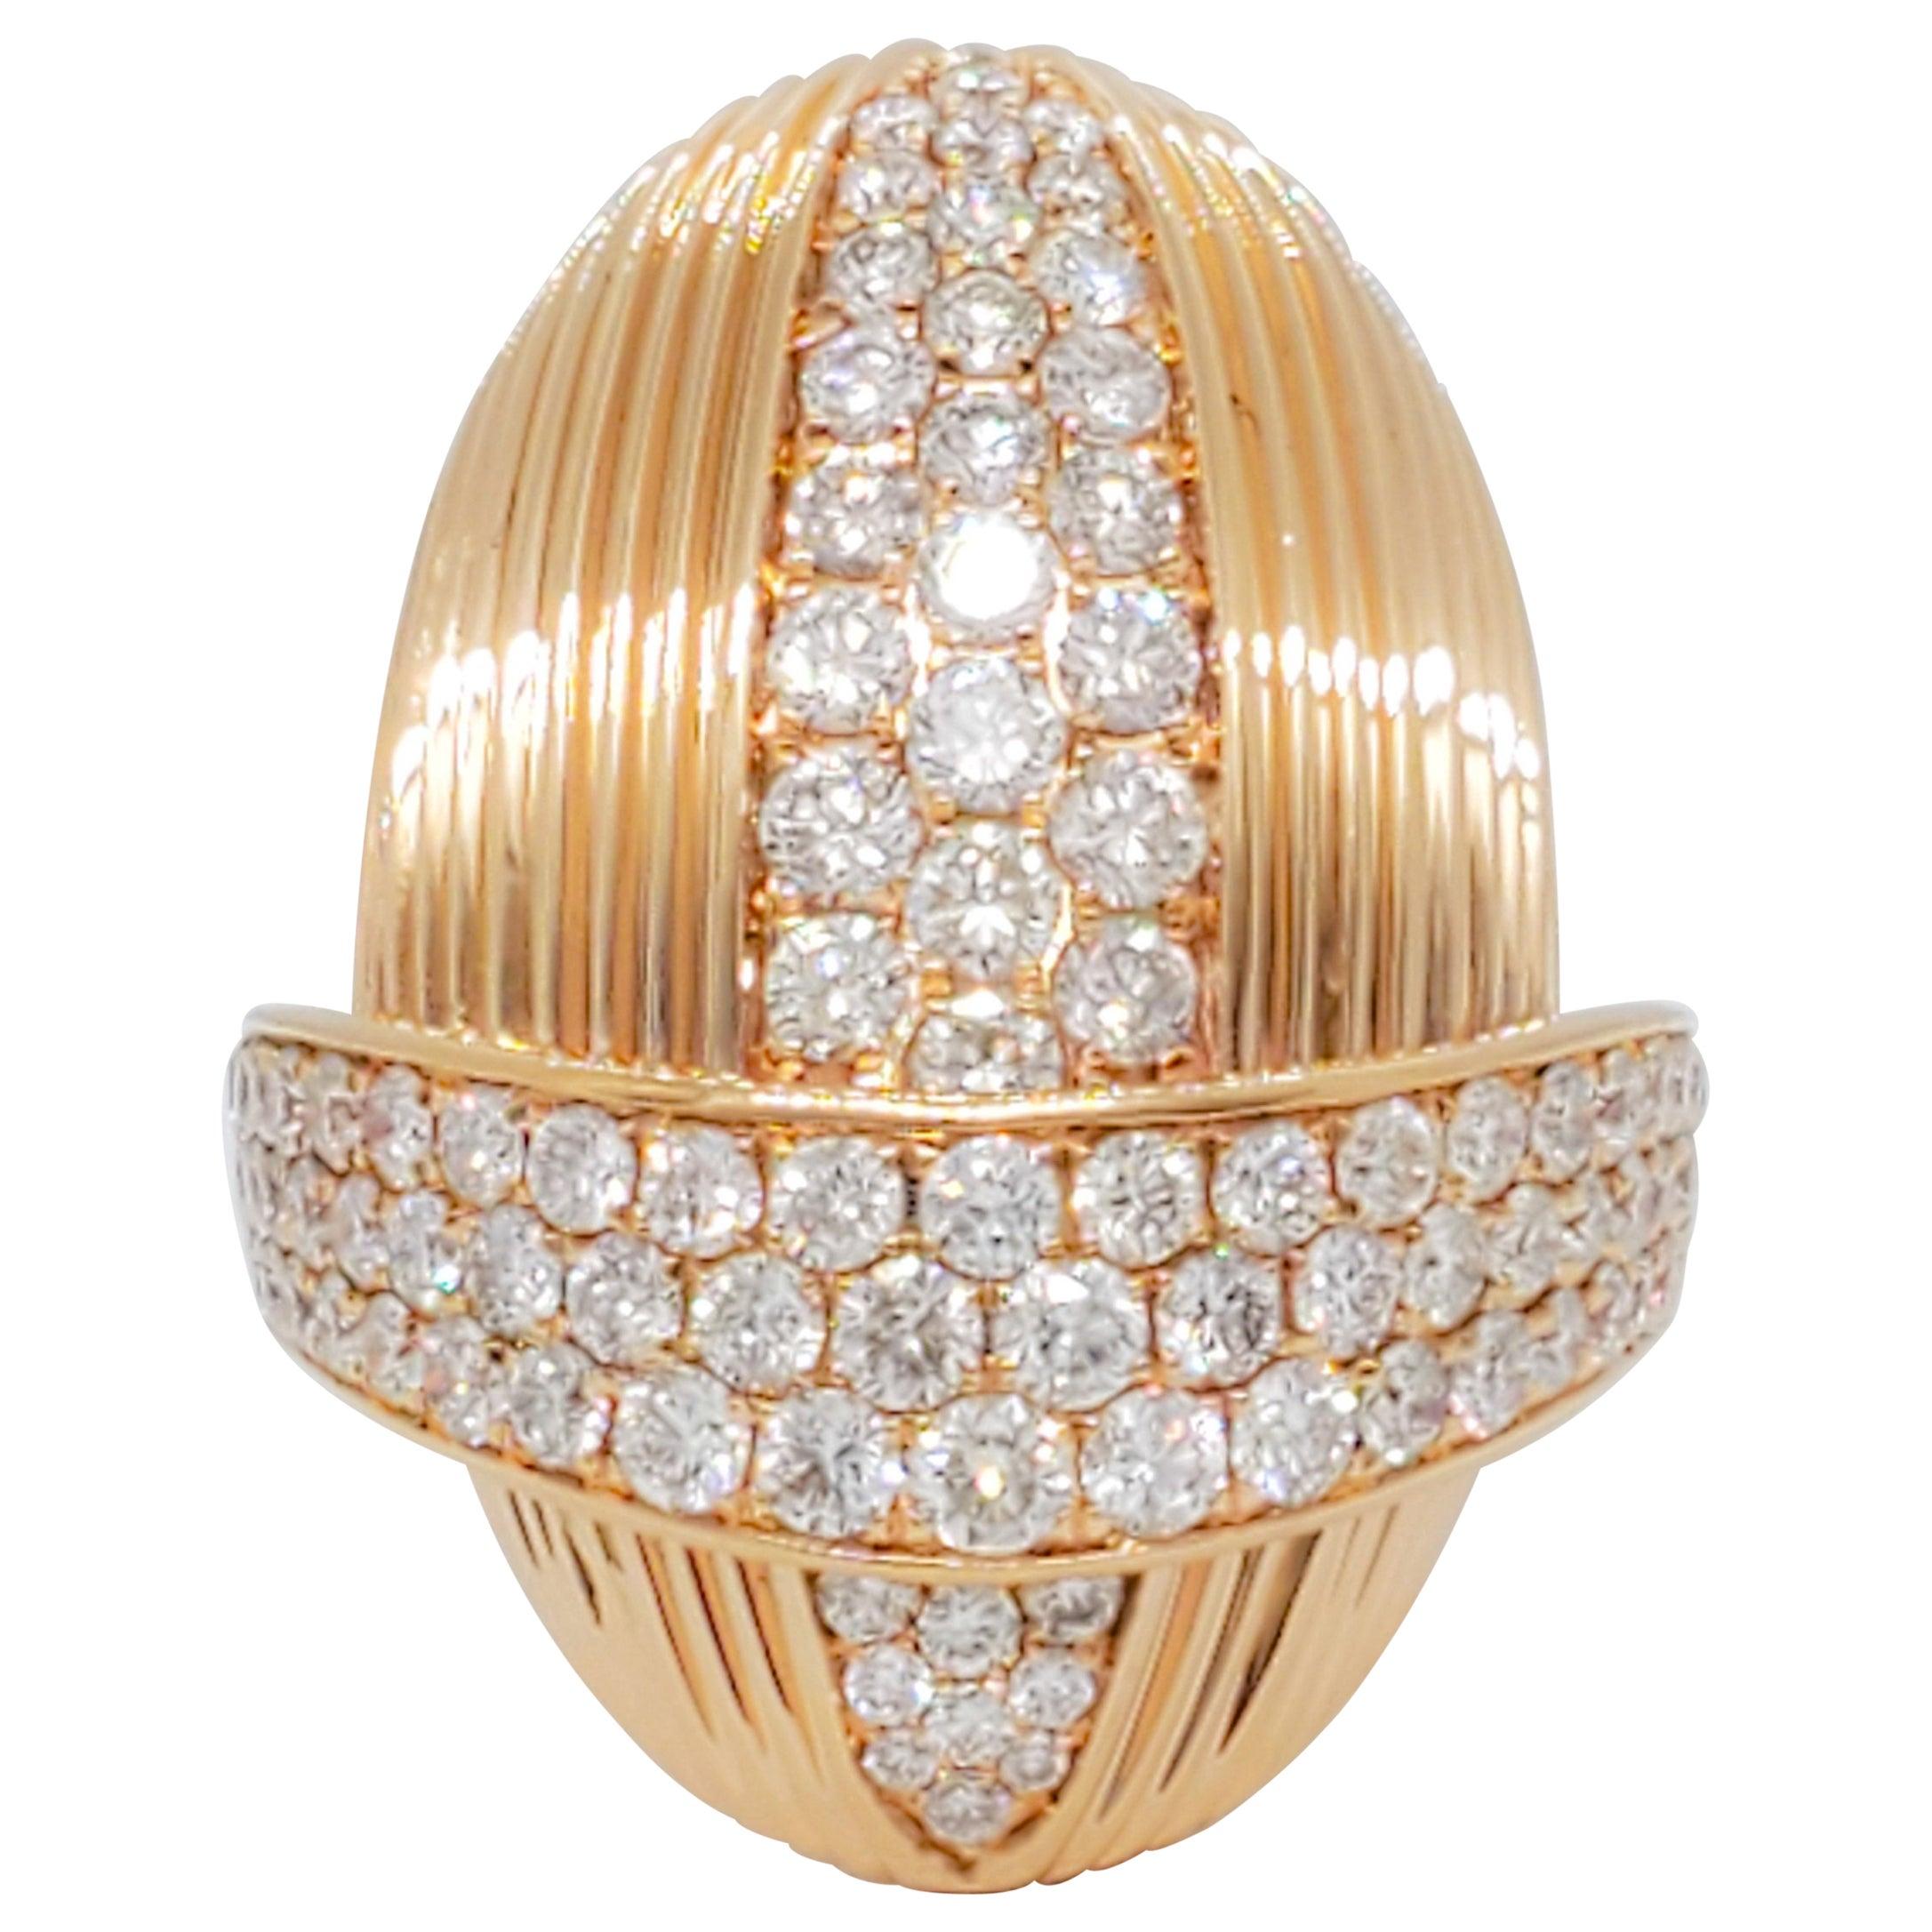 White Diamond Fashion Ring in 18 Karat Rose Gold